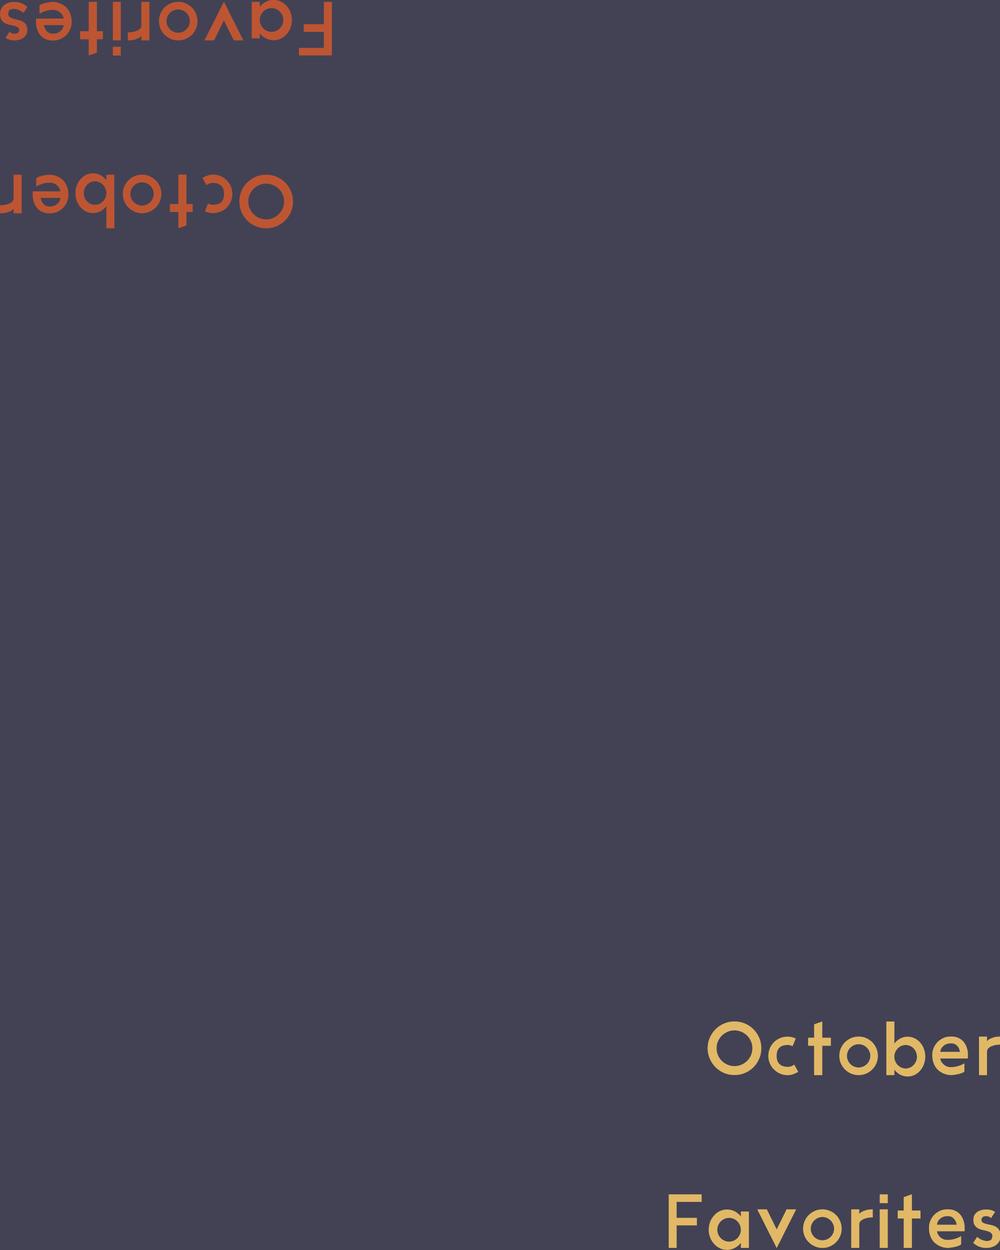 October-Favorites.png